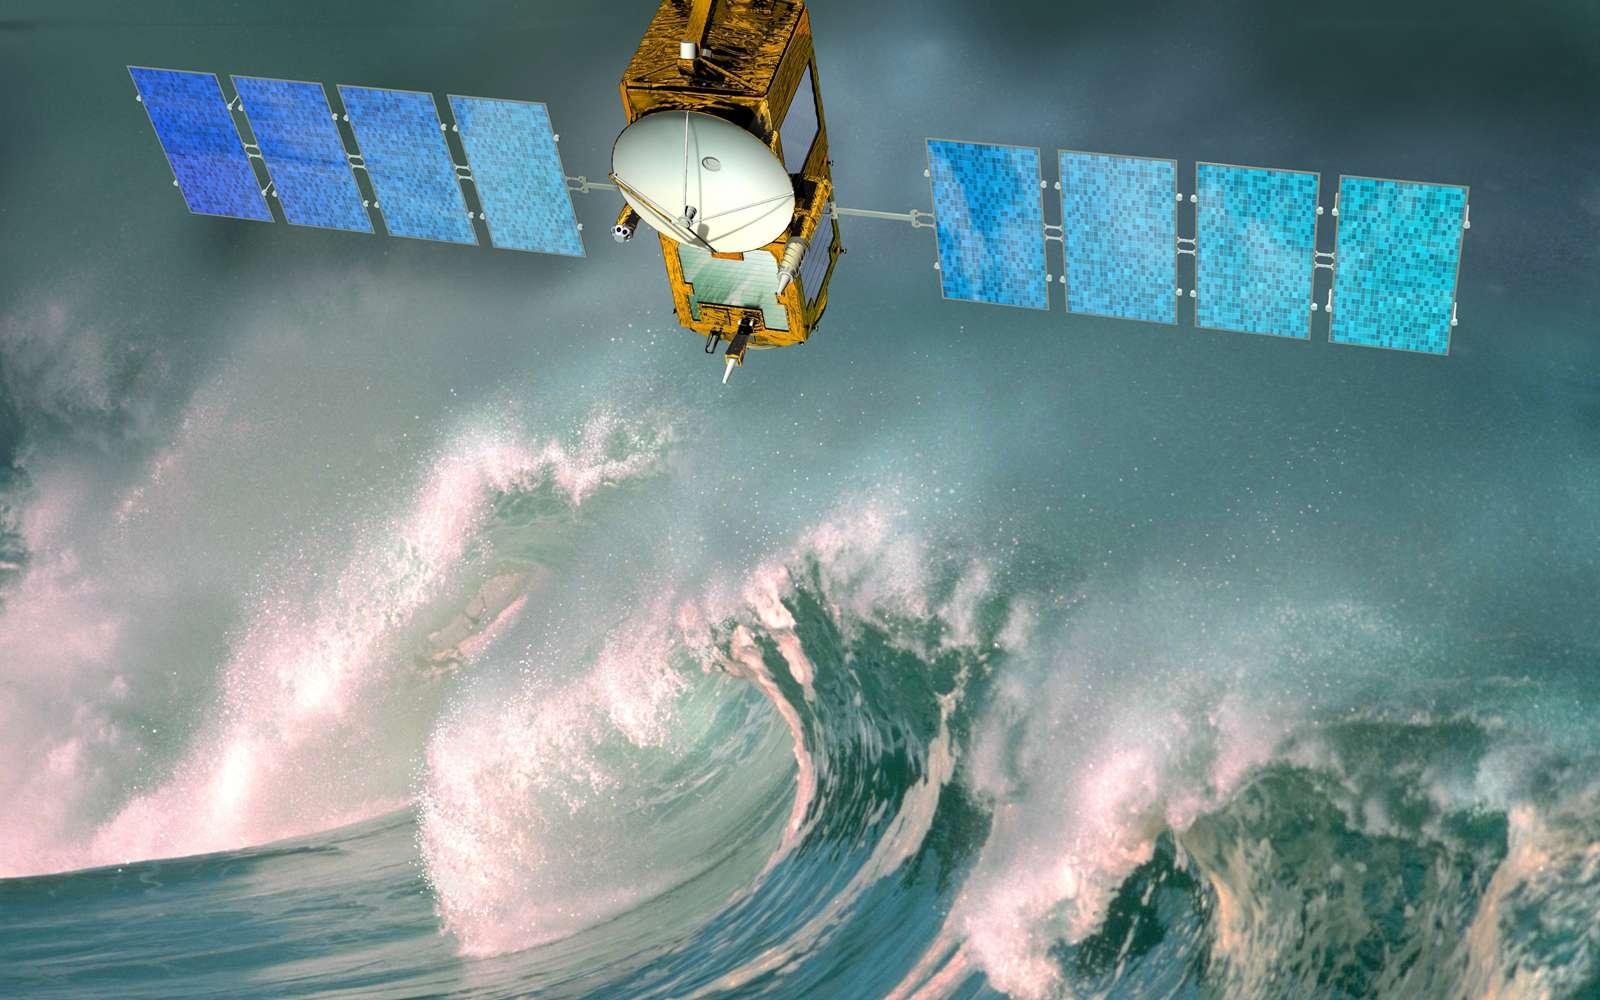 D'une masse au lancement de 553 kg, avec une puissance électrique de 550 W et une précision de pointage de 0,15°, Jason-3 sera lancé vers la mi-2013 en vue d'une mission de 5 ans. Crédit Cnes / D. Ducros